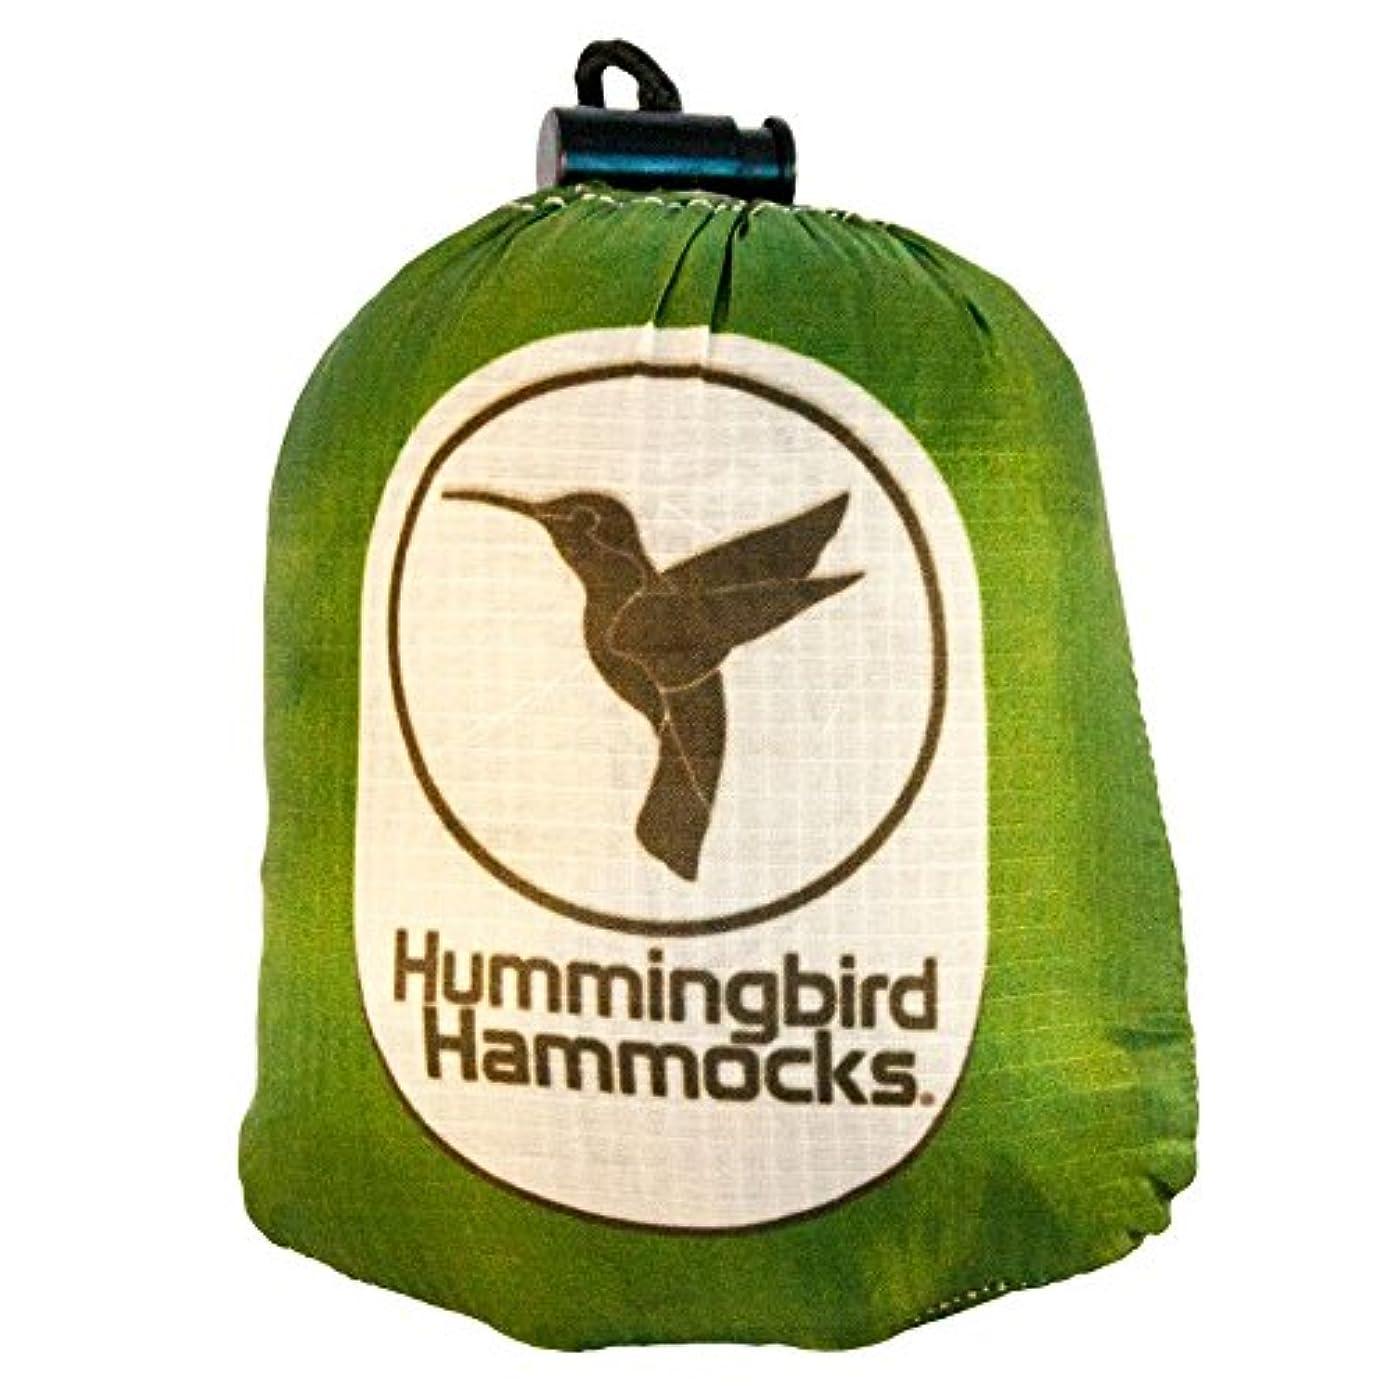 イタリアのチキン古風なHummingbird Hammocks(ハミングバードハンモック) シングル ハンモック 147g ツリーストラップ 42g 超軽量 コンパクト 高強度(パラシュート素材)簡単設営 【日本正規品】キャンプ アウトドア ウルトラライト UL ソロキャンプ 等で活躍